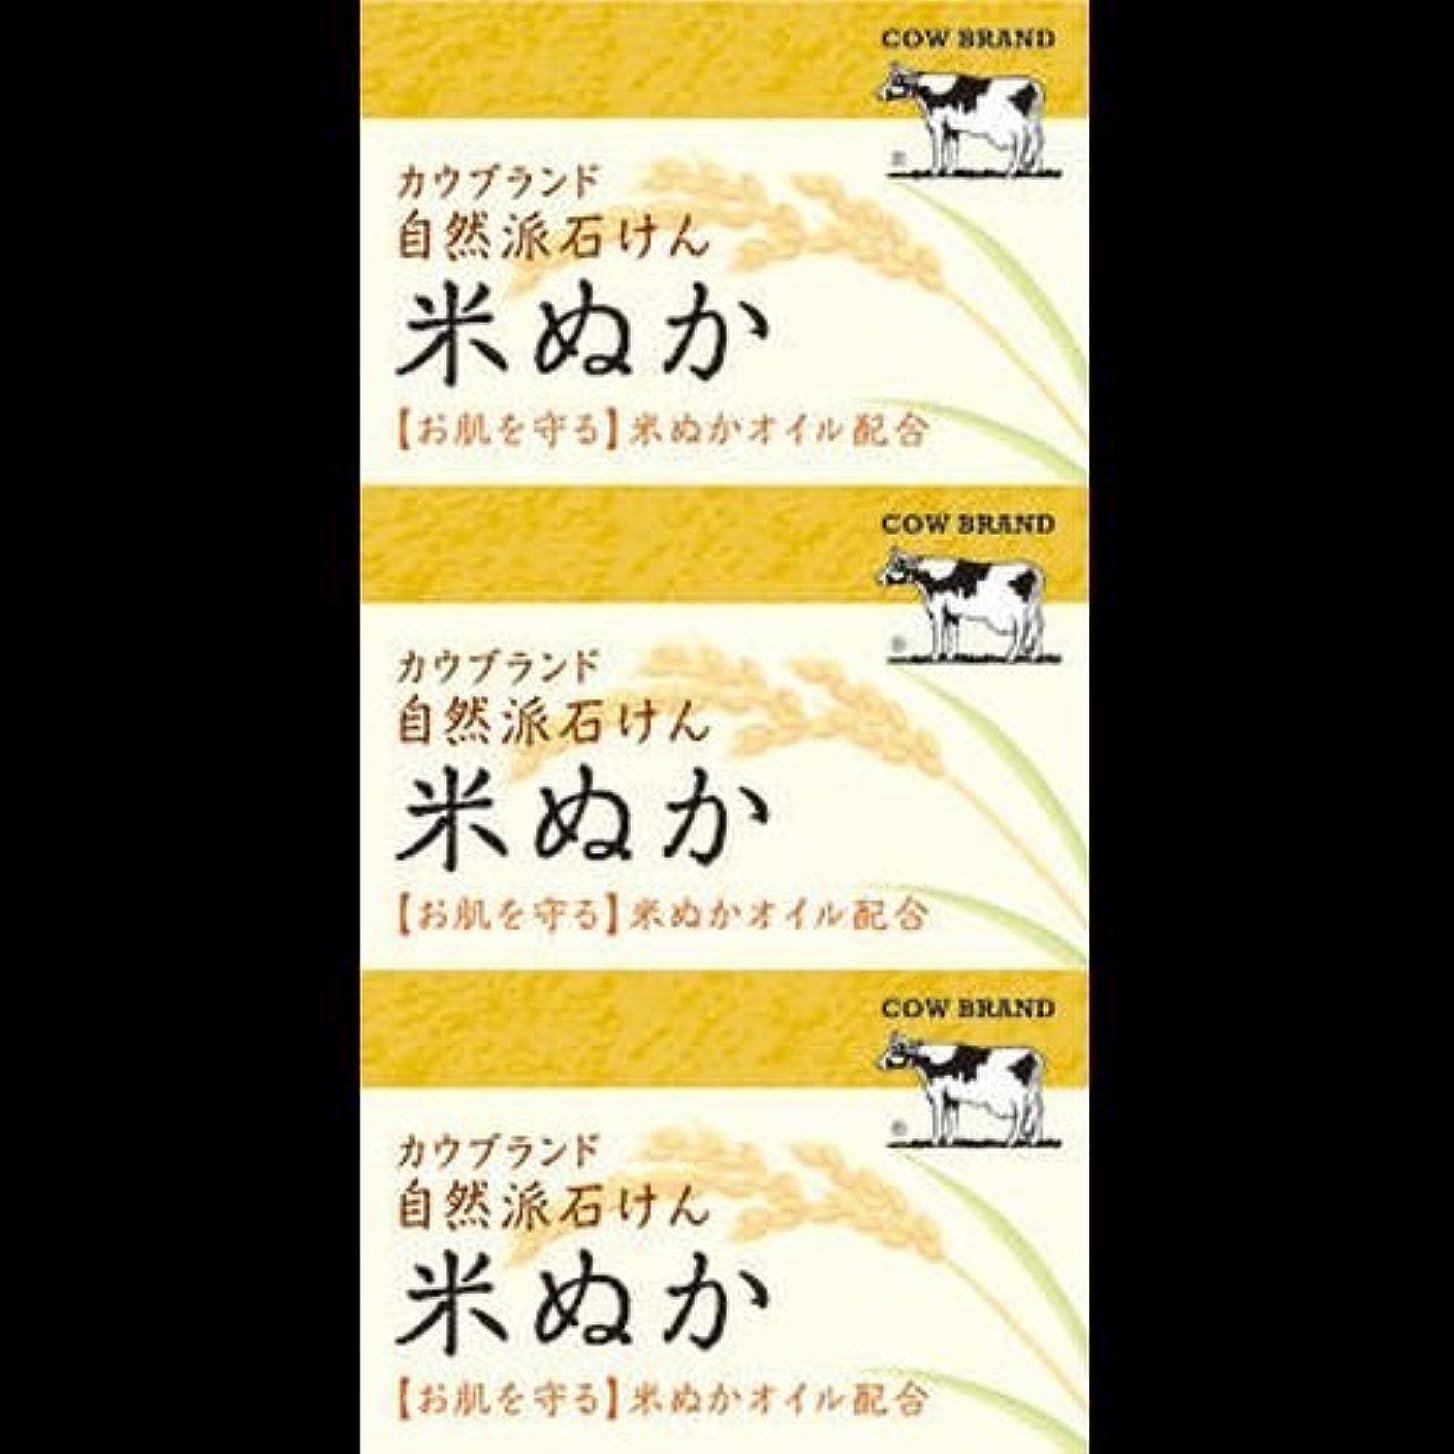 区別首講義【まとめ買い】カウブランド 自然派石けん 米ぬか 100g*3個 ×2セット